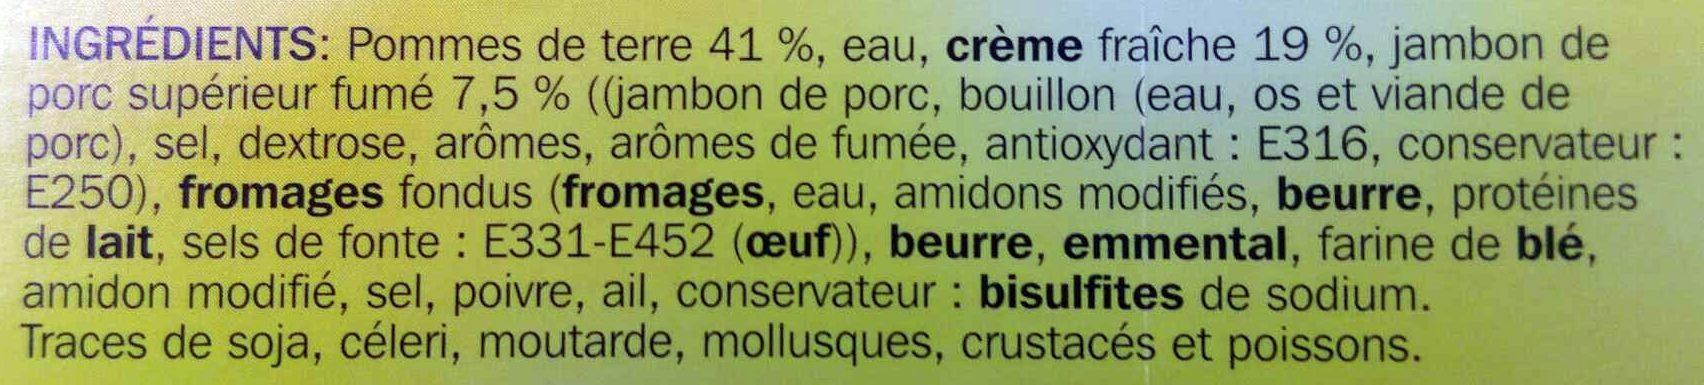 Gratin dauphinois au jambon - Ingrediënten - fr